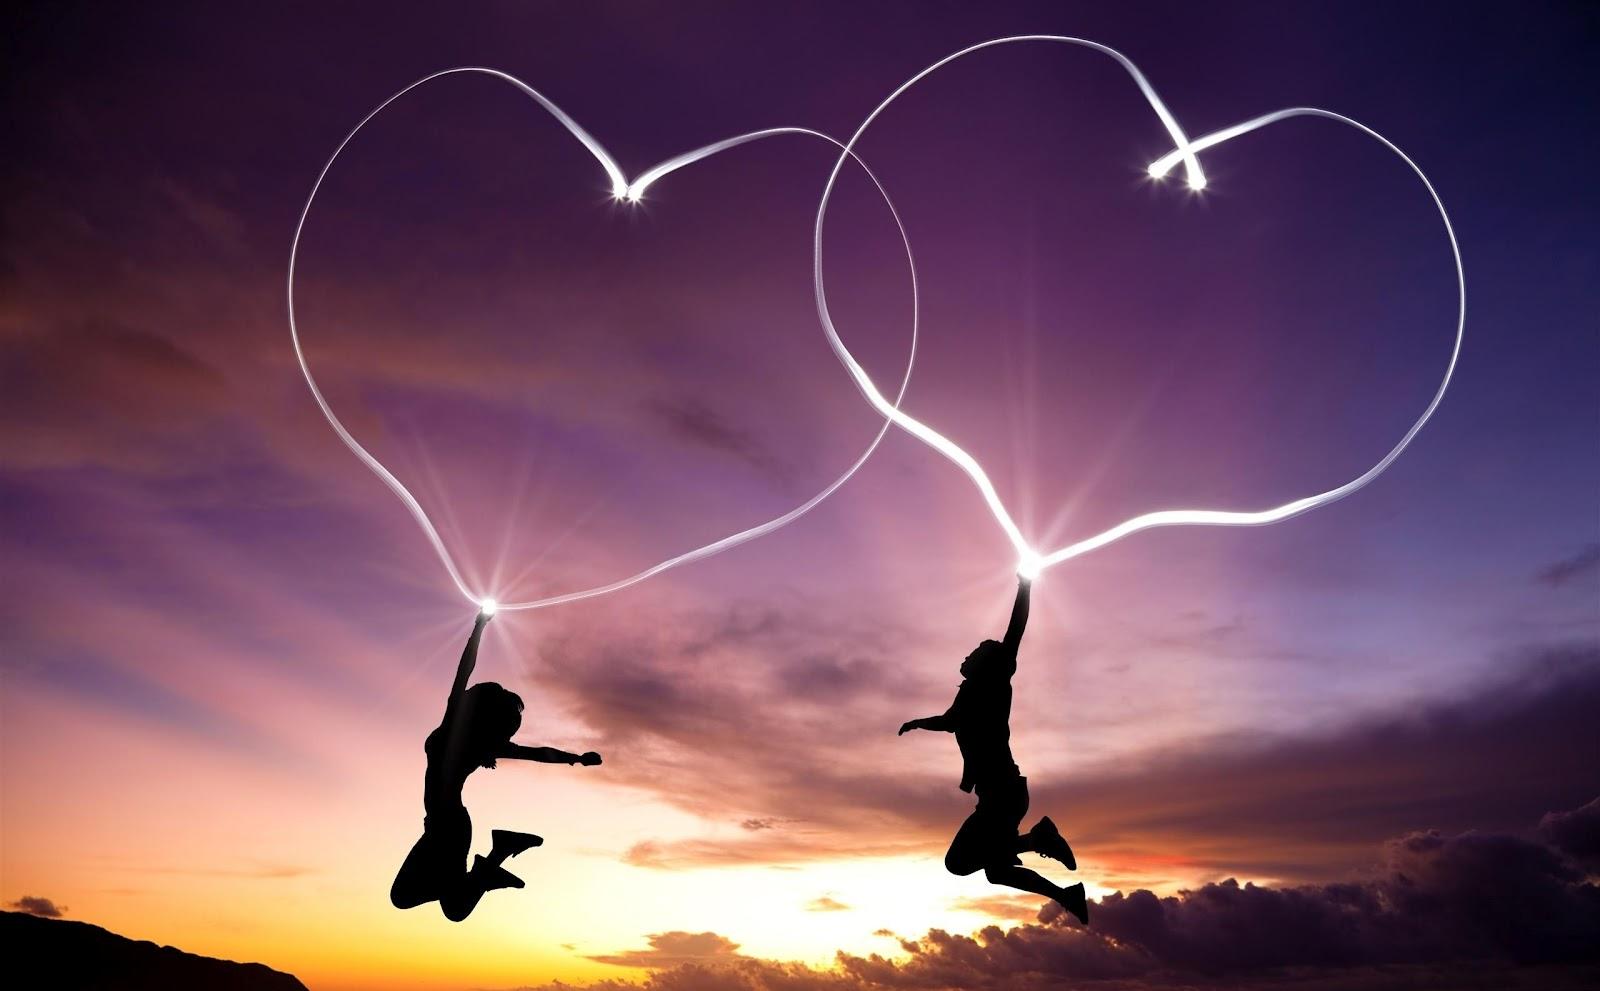 http://2.bp.blogspot.com/-rgqV0r8E_fc/UBYXv4HfGfI/AAAAAAAAD8Q/7pBbv_r52U4/s1600/love+you2212+(2).jpg